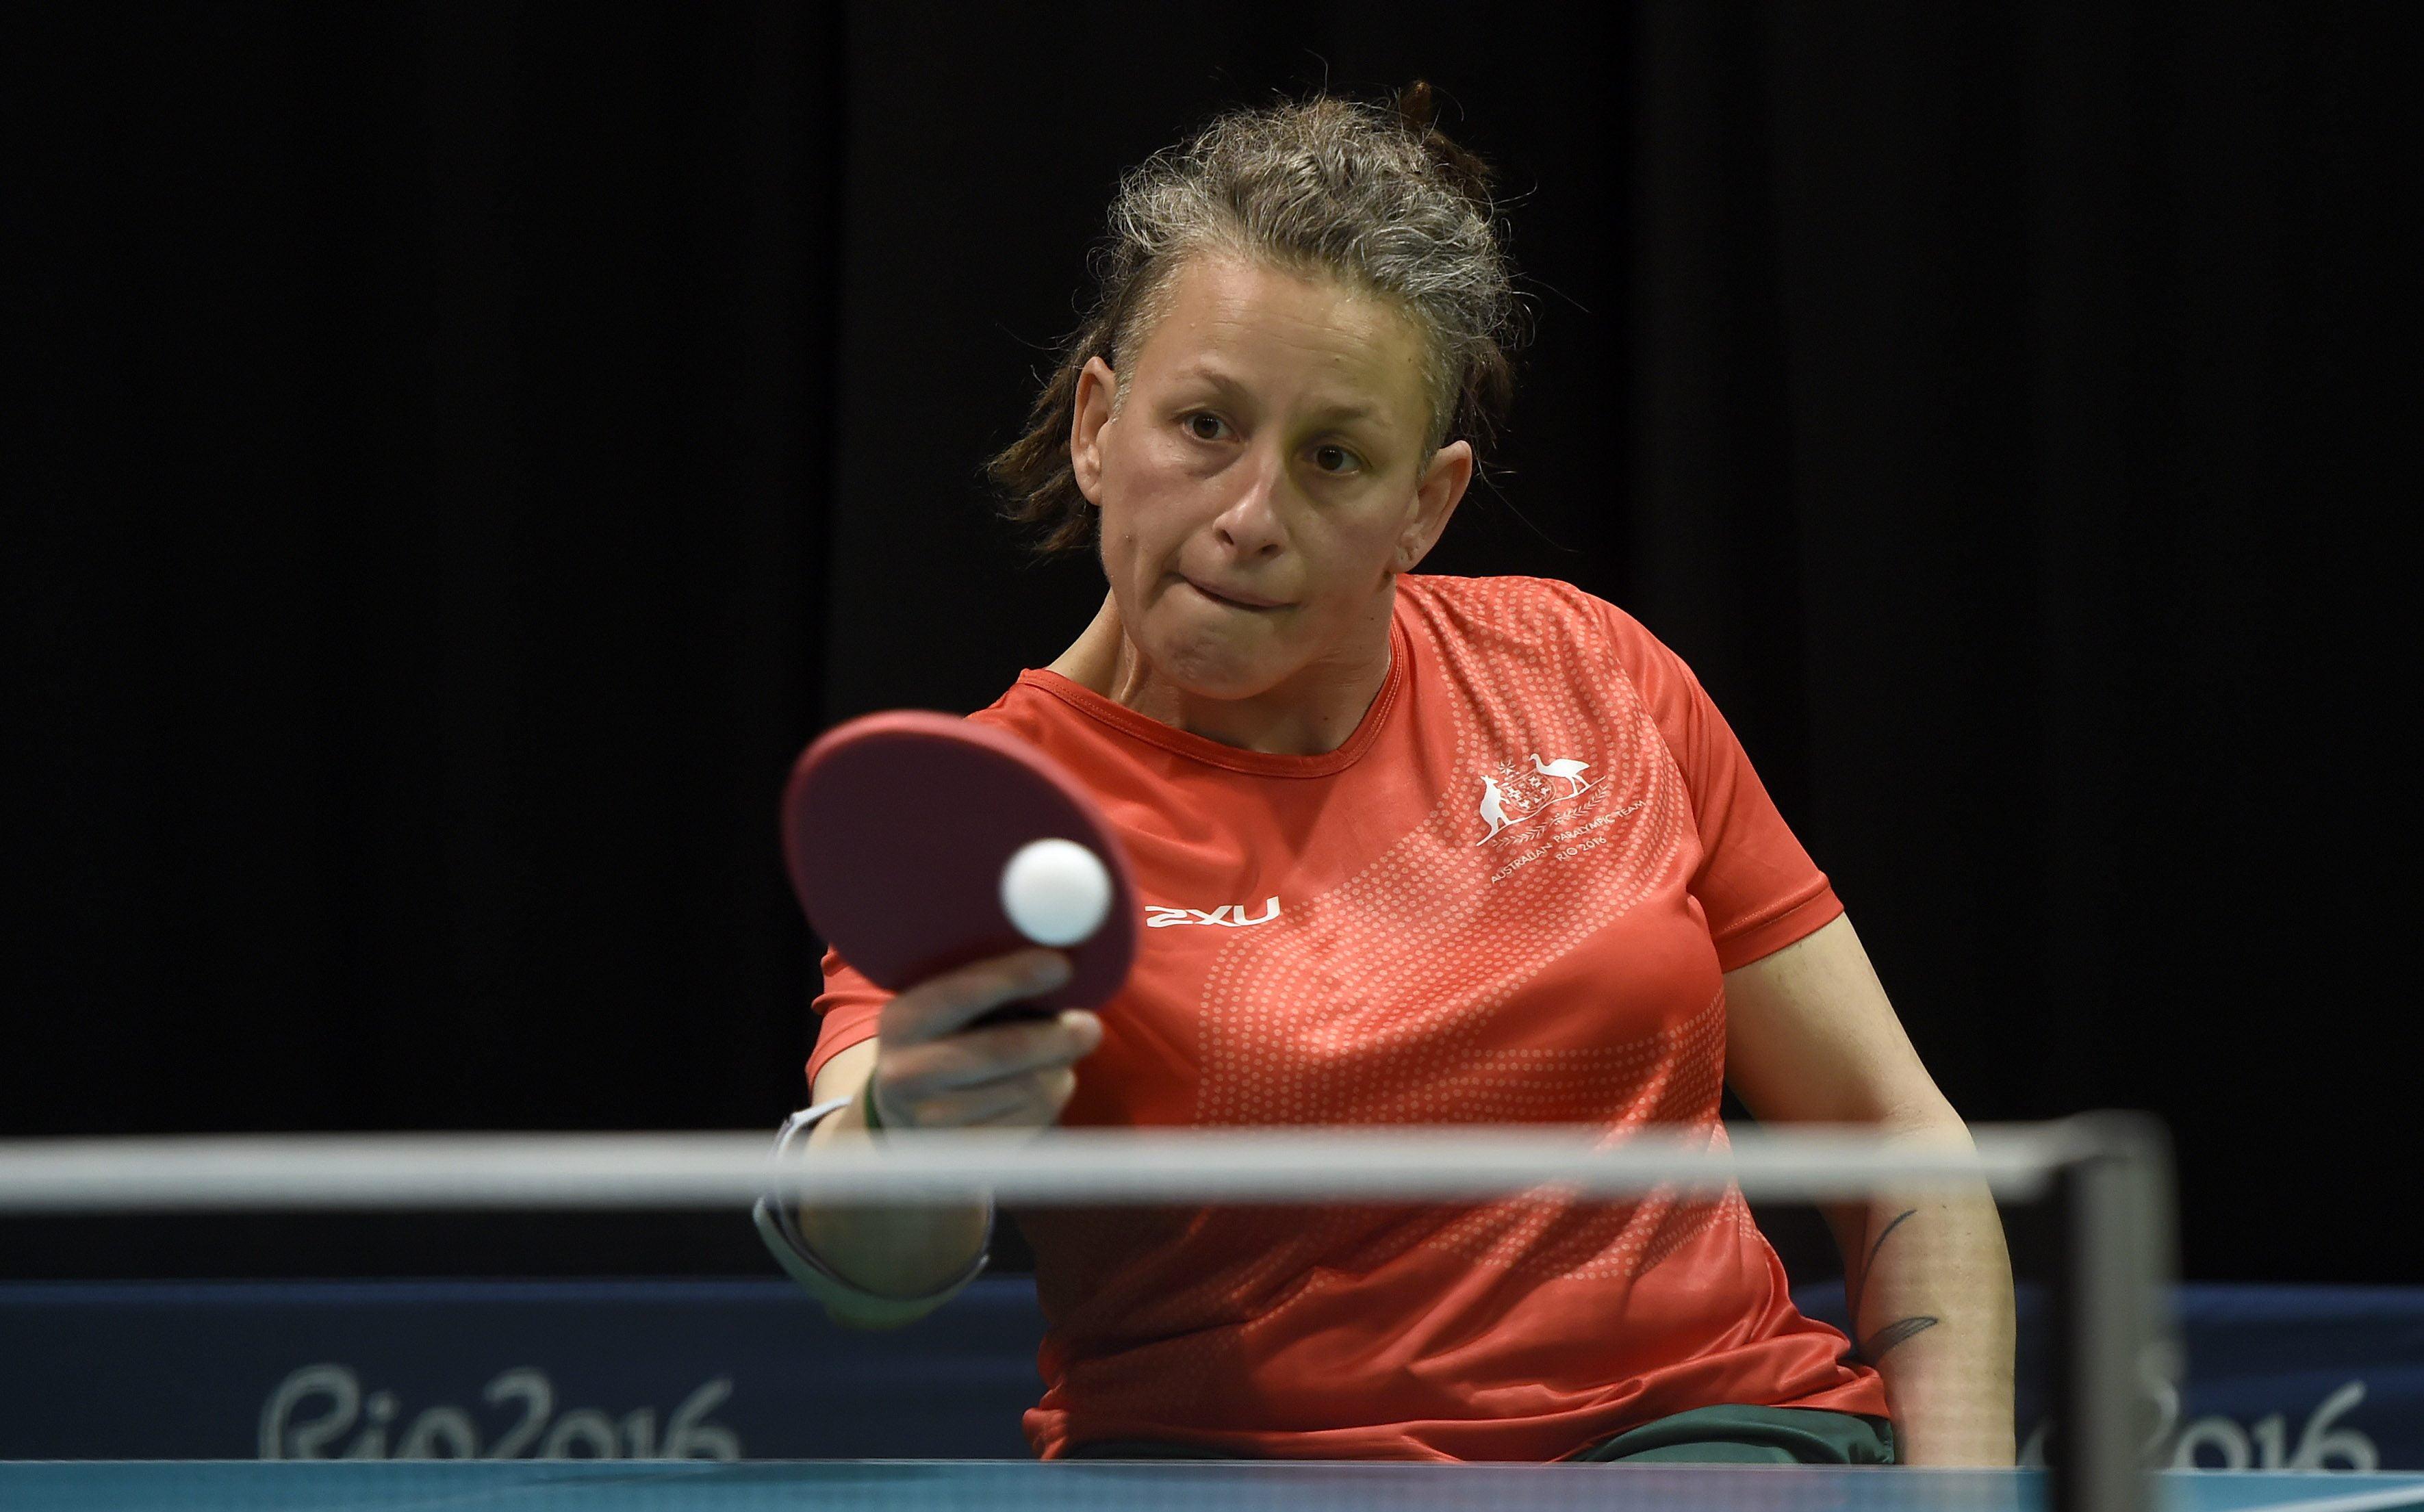 Australia aim for home Para-table tennis success